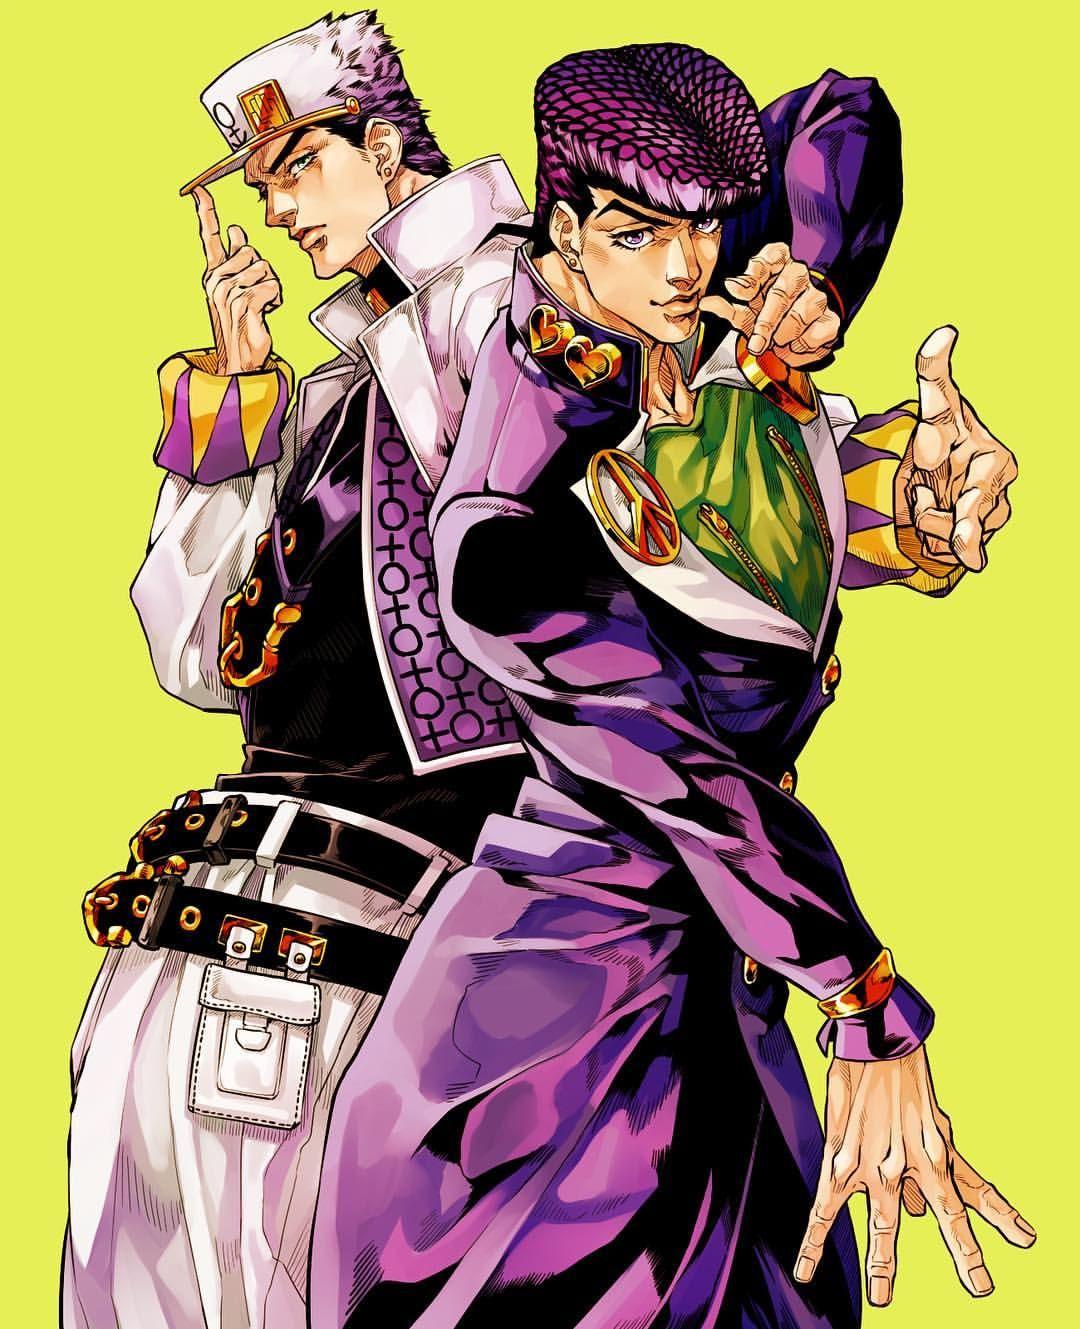 Jojo S Bizarre Adventure Diamond Wa Kudakenai Follow Anime Ishi For More Credit Akei On Jojos Bizarre Adventure Jotaro Jojo Bizarre Jojo Bizzare Adventure